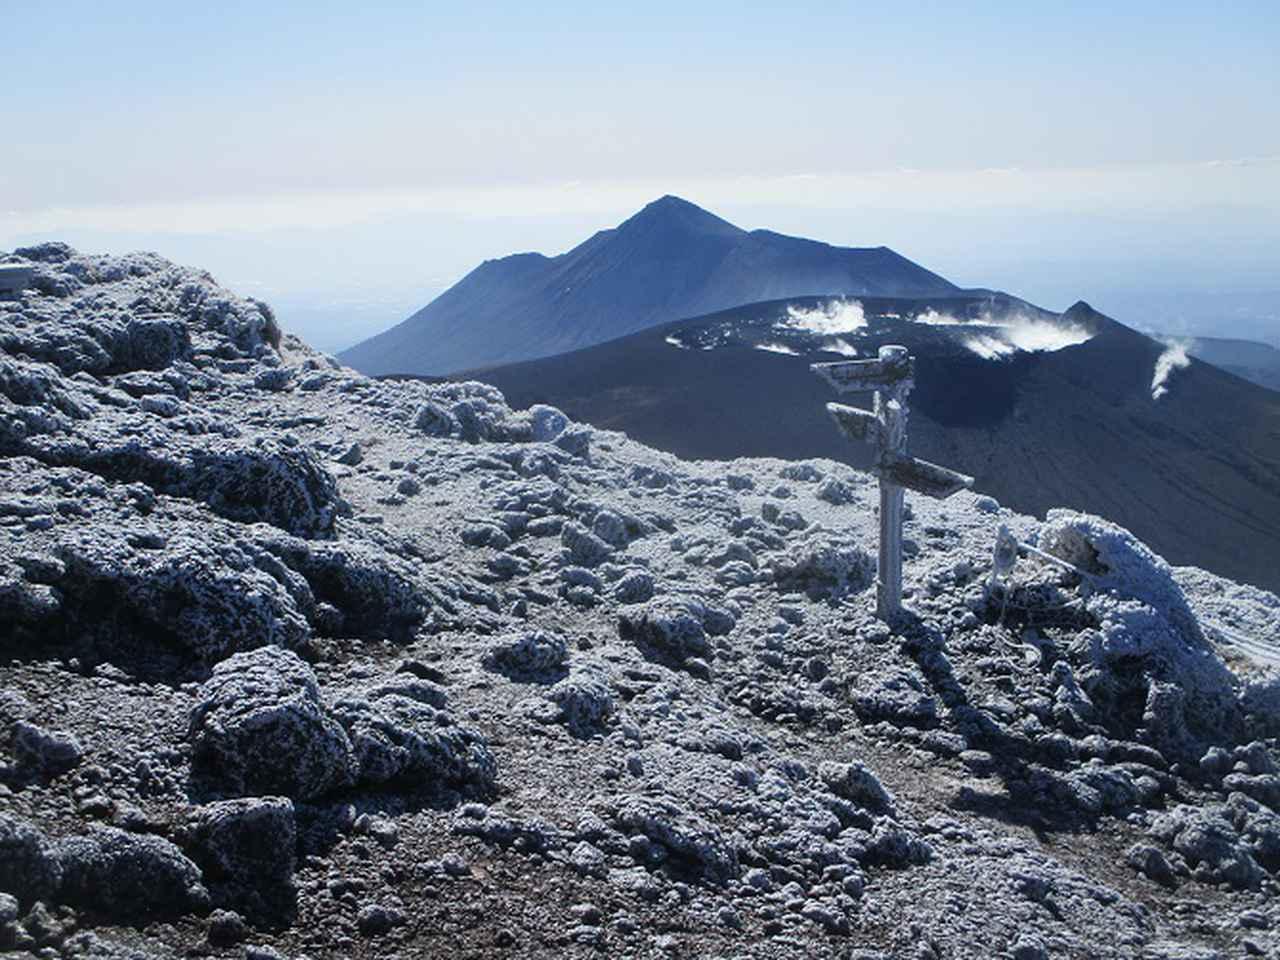 画像6: 来年春の企画素材をさがして九州の 韓国岳 に行ってきました!